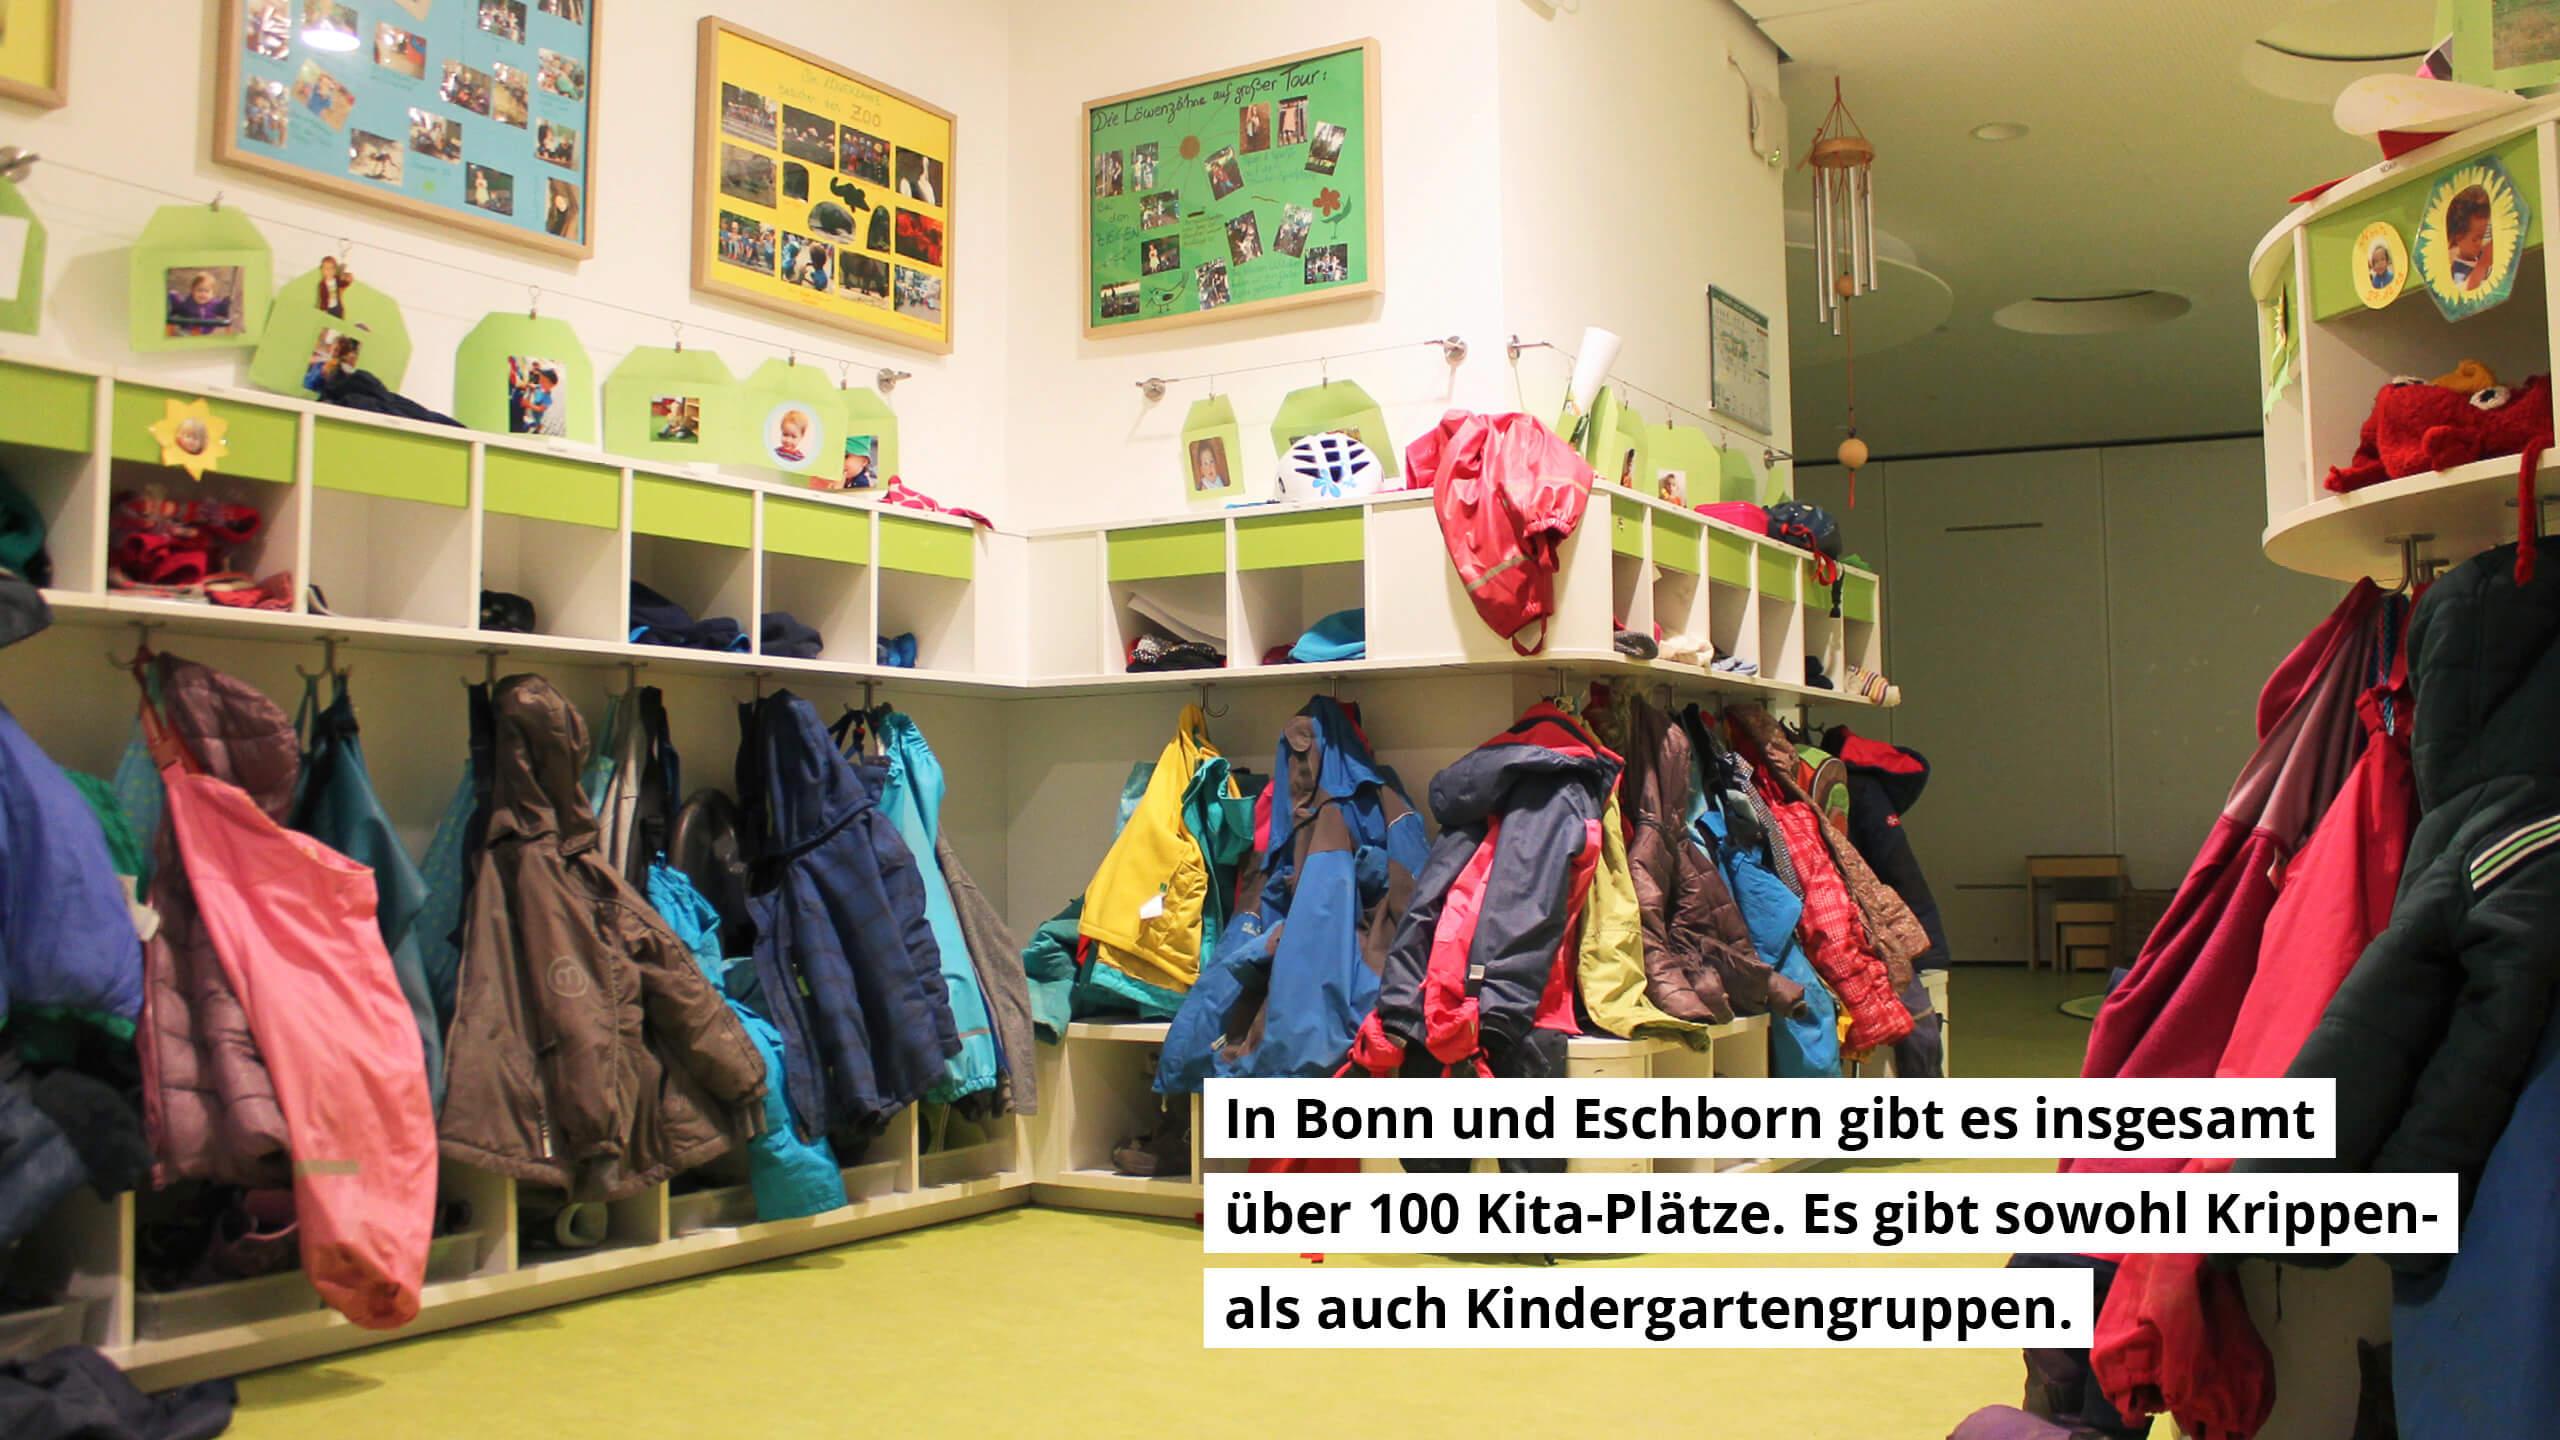 In Bonn und Eschborn gibt es insgesamt über 100 Kita-Plätze. Es gibt sowohl Krippen- als auch Kindergartengruppen.